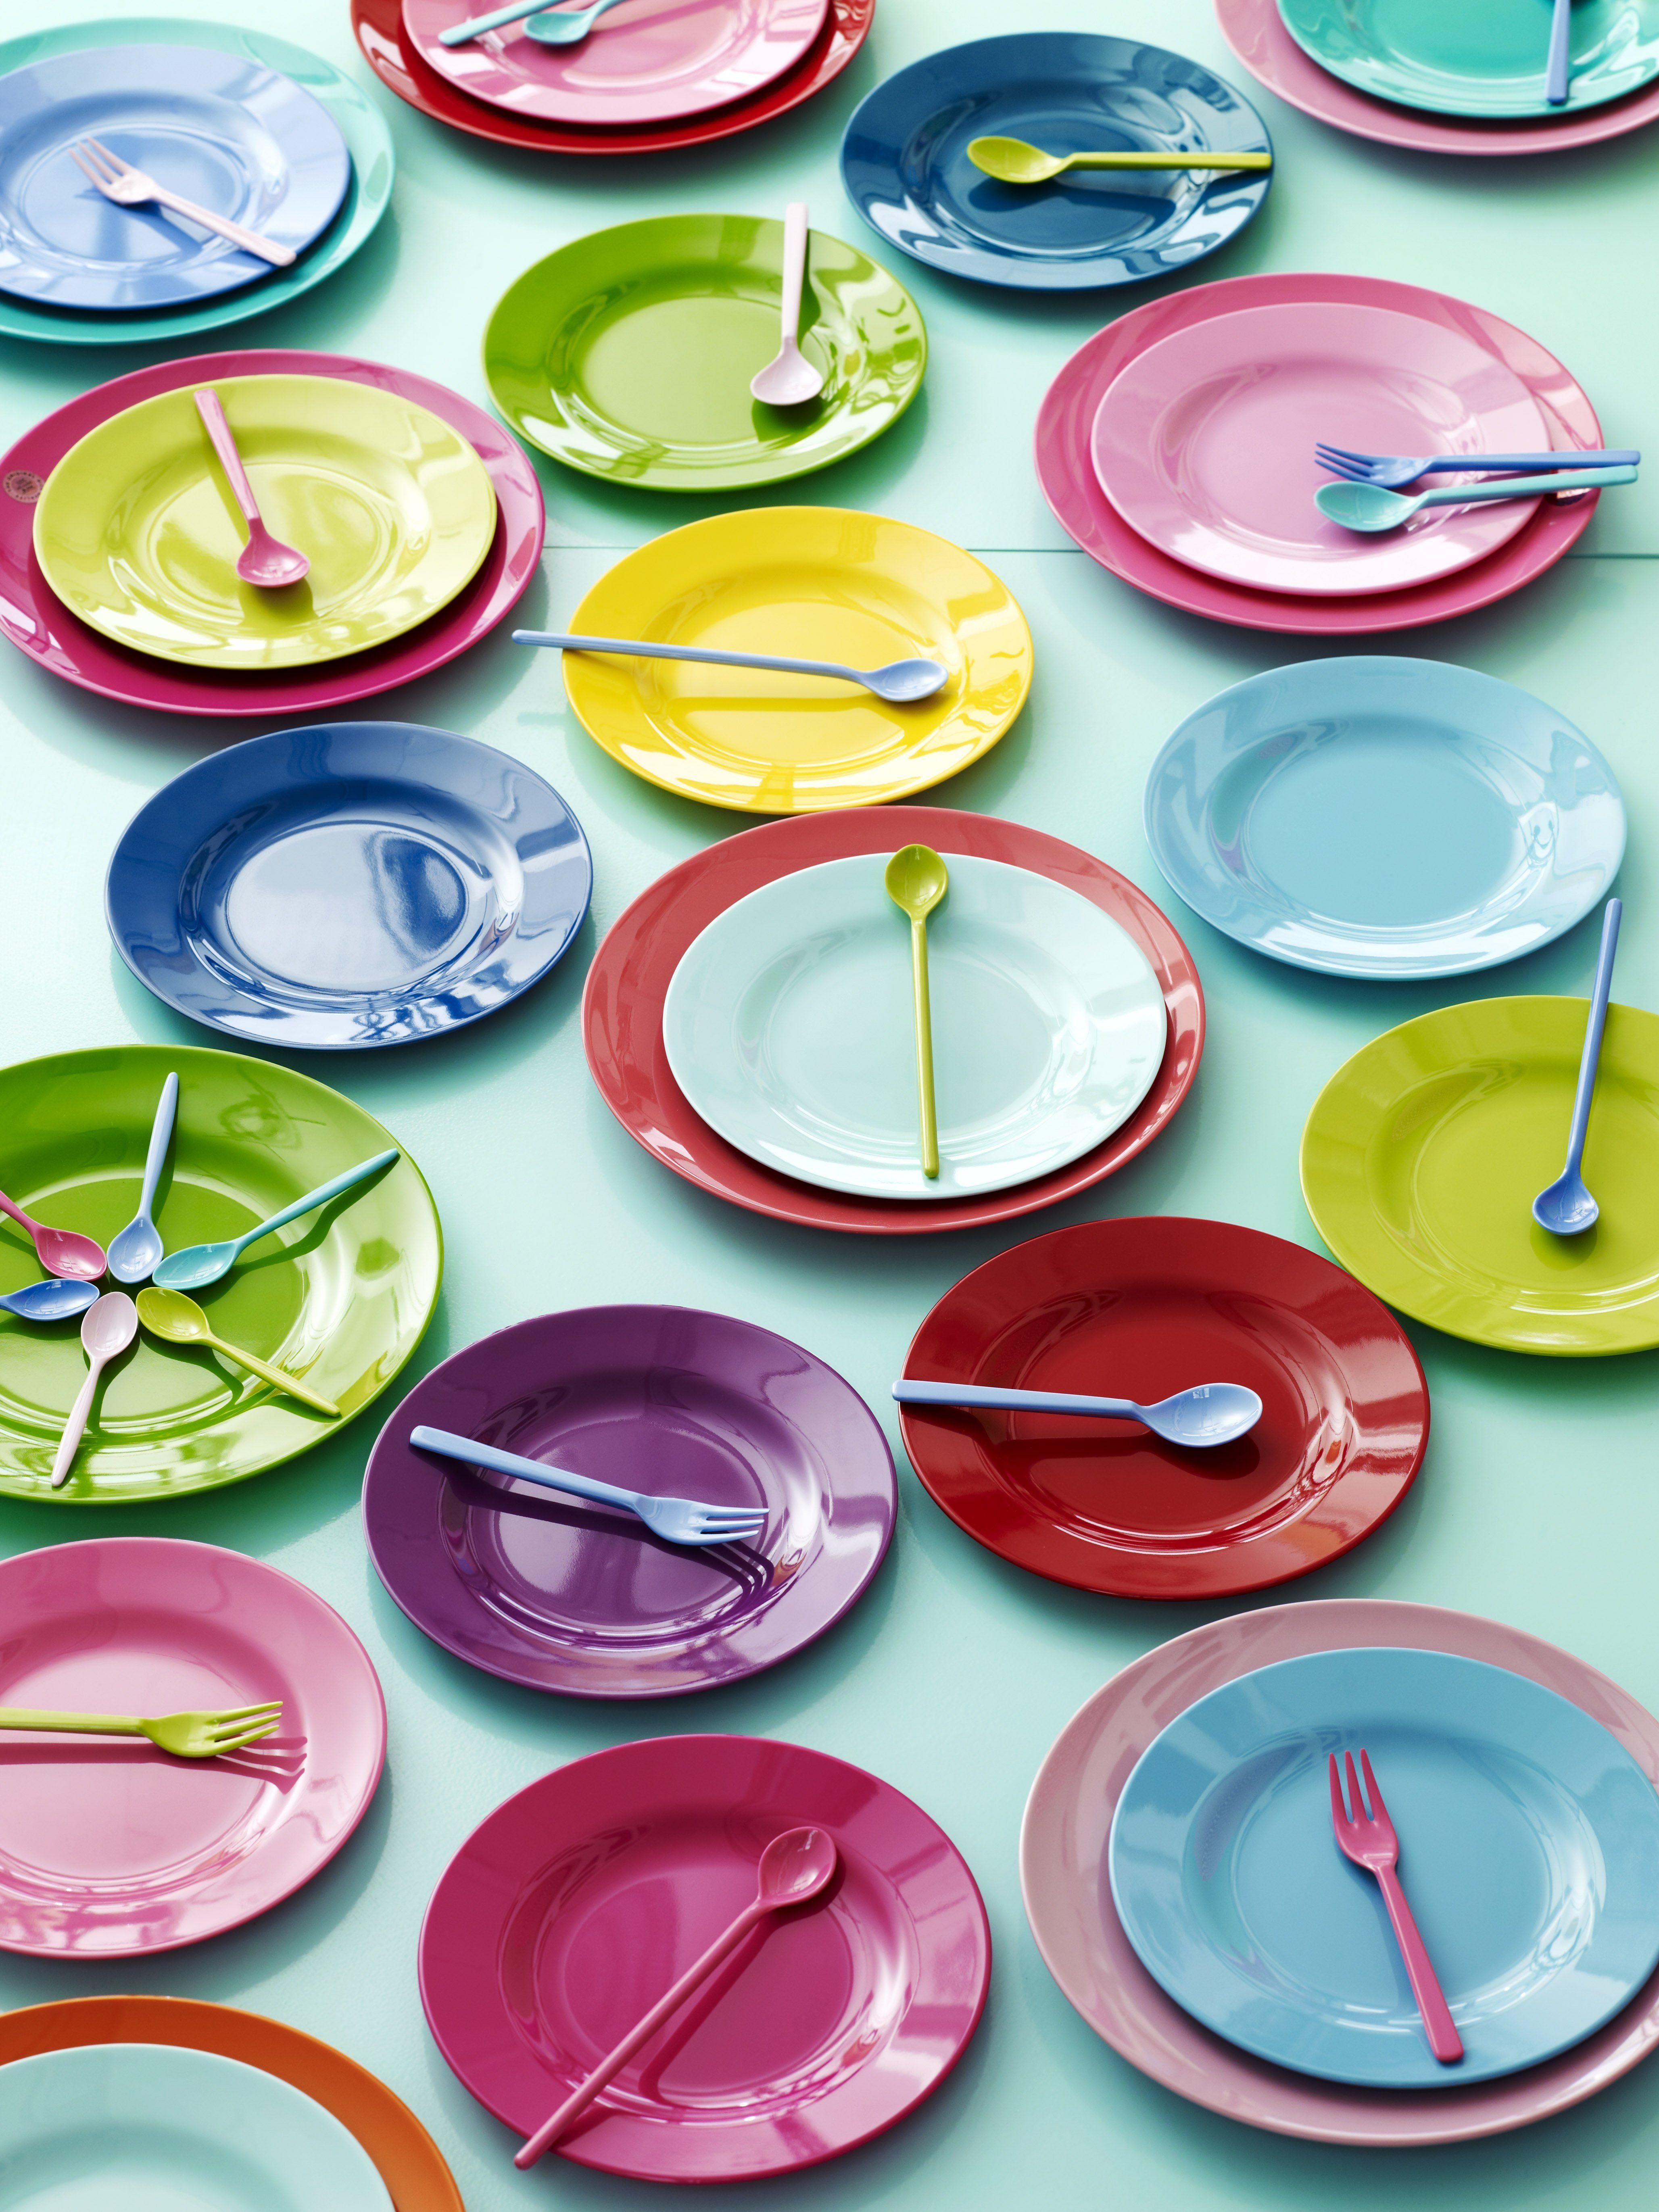 Melamine Plates From Rice Http Www Smukke Pl Pl P Talerz Sniadaniowy Z Melaminy Roz 156 Plates Melamine Plates Melamine Dinner Plates